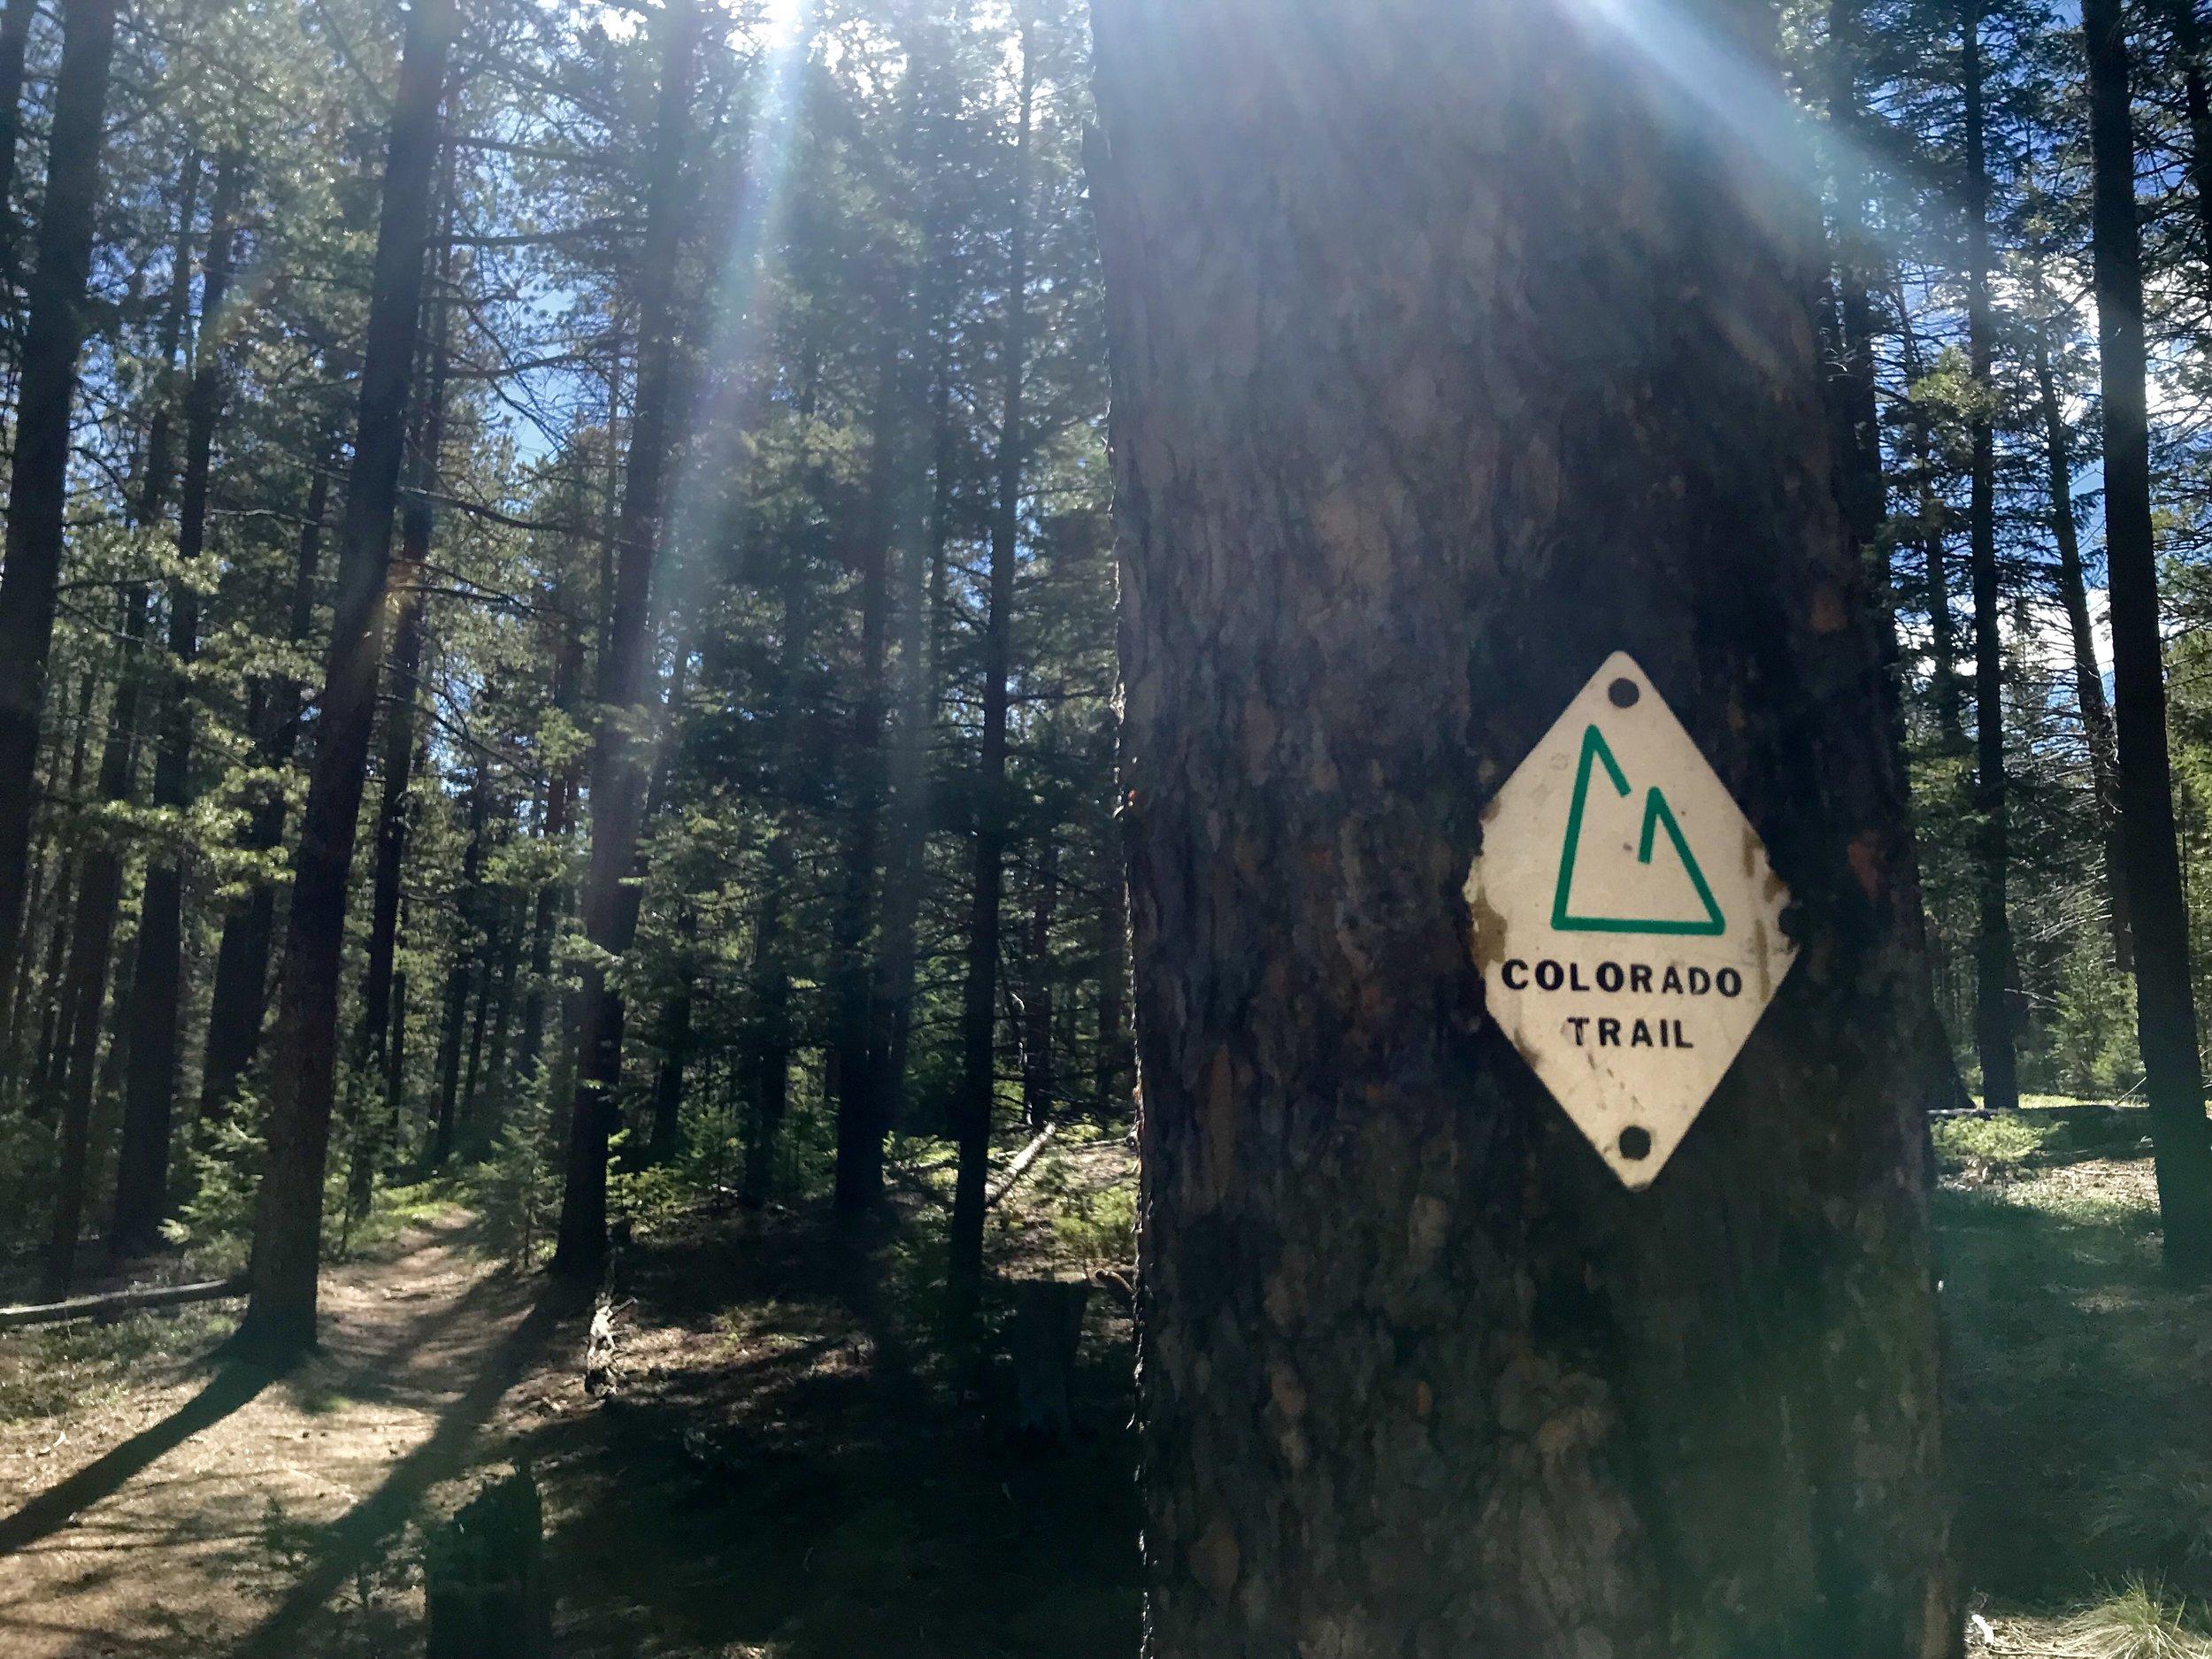 colorado trail.jpg